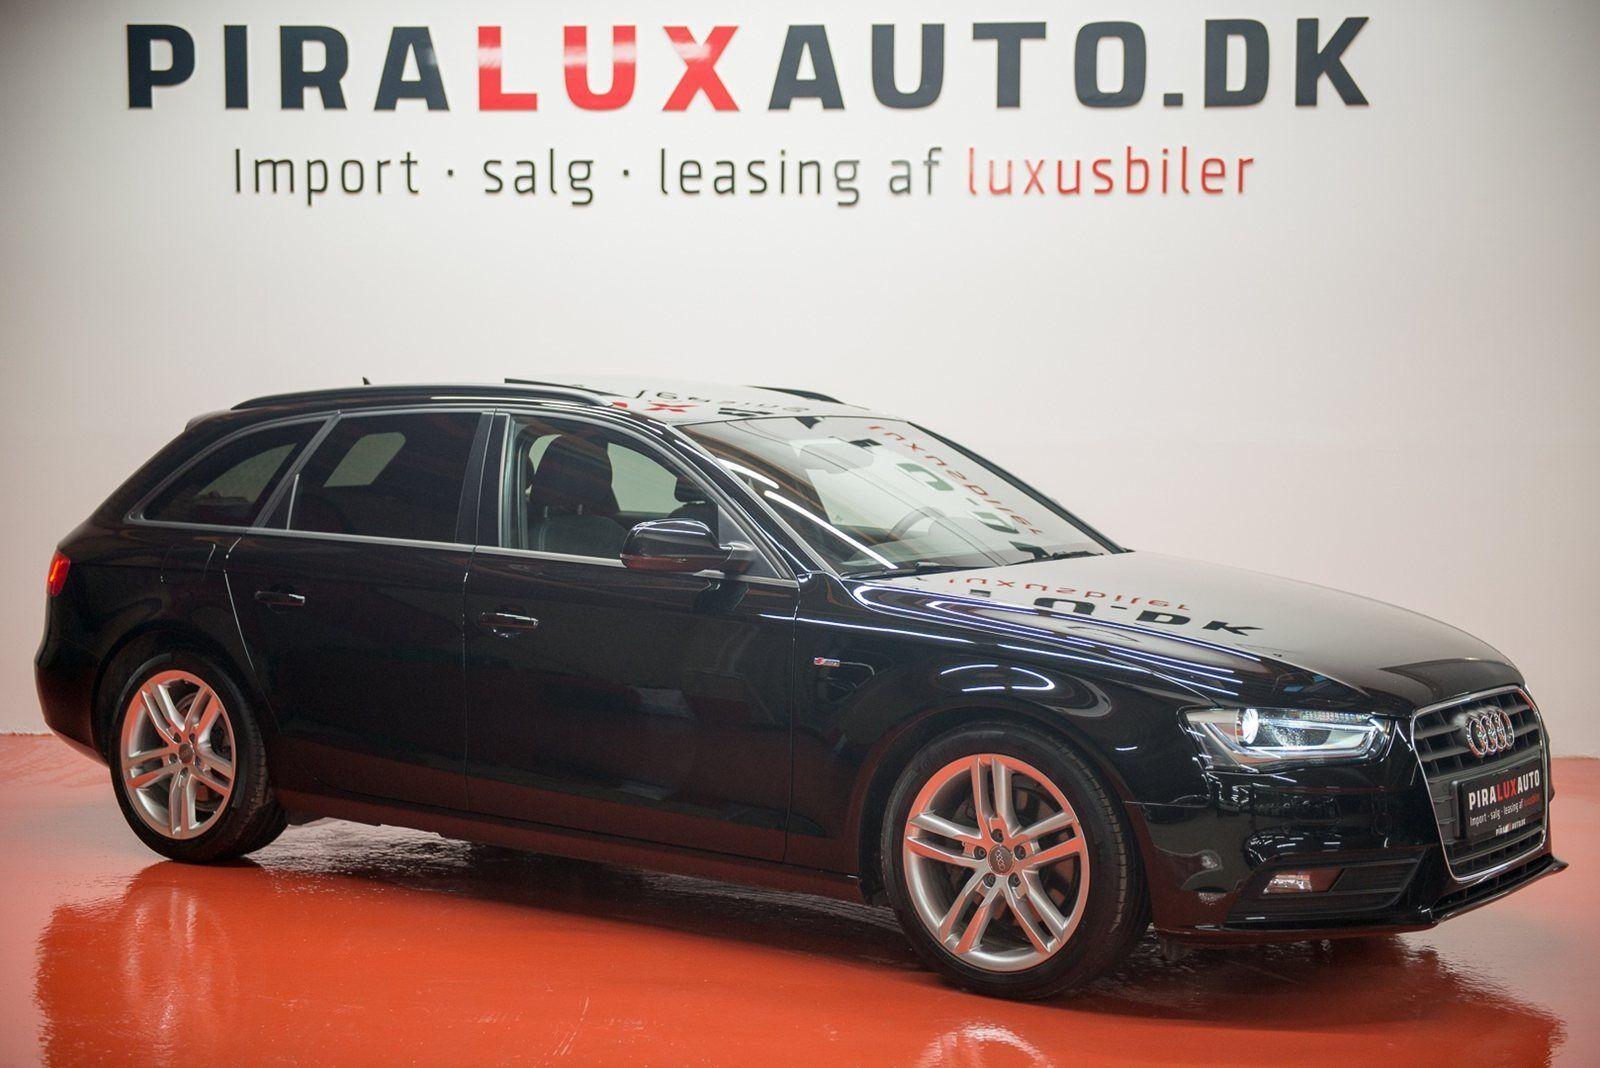 Audi A4 3,0 TDi 204 S-line Avant Multitr. 5d - 378.400 kr.